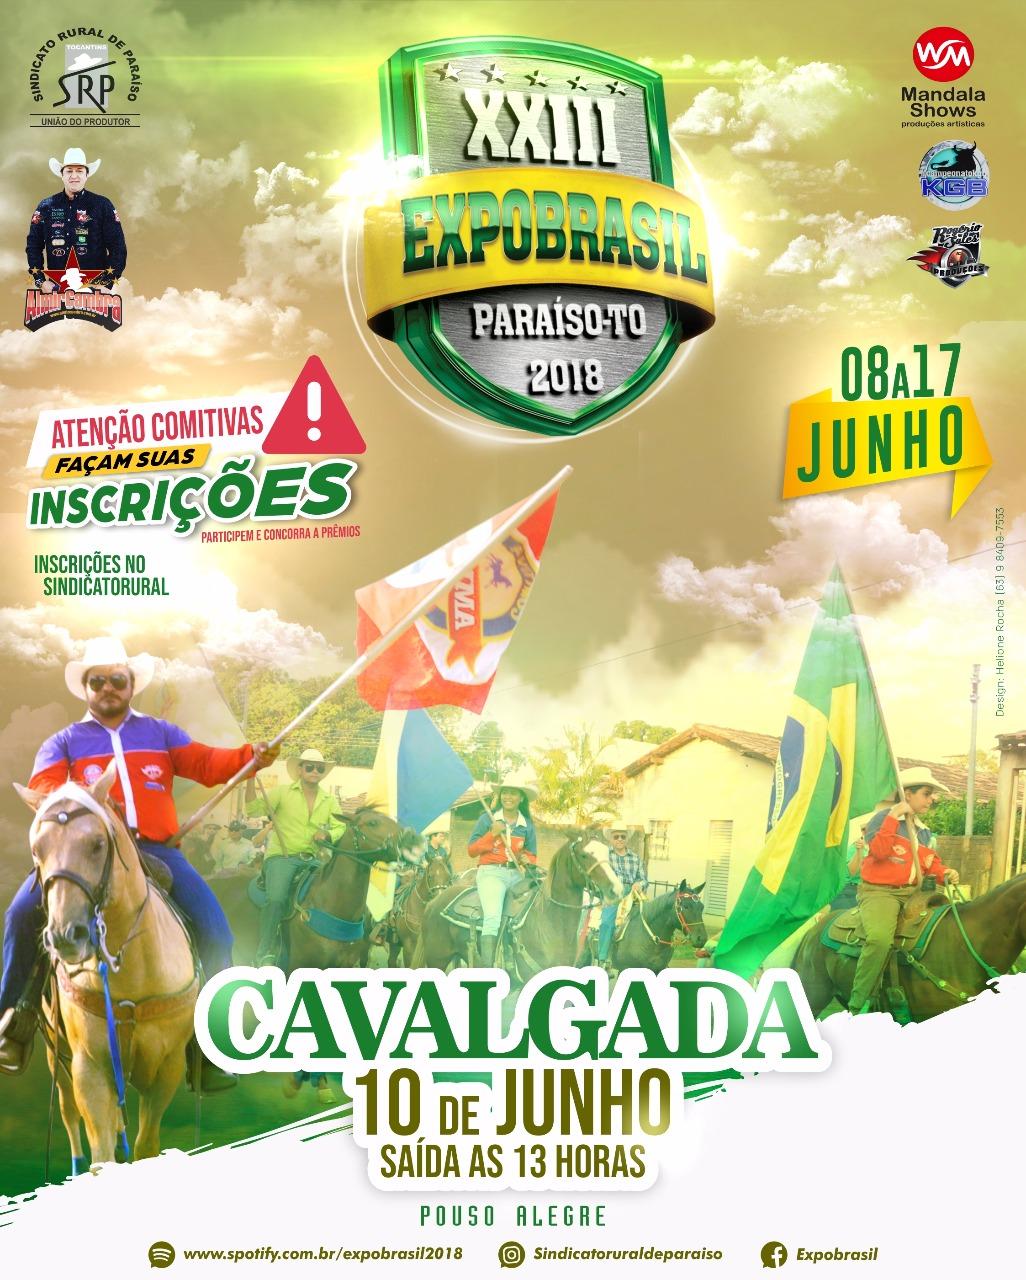 Cavalgada da XXIII Expobrasil em Paraíso acontece no próximo dia 10 de junho